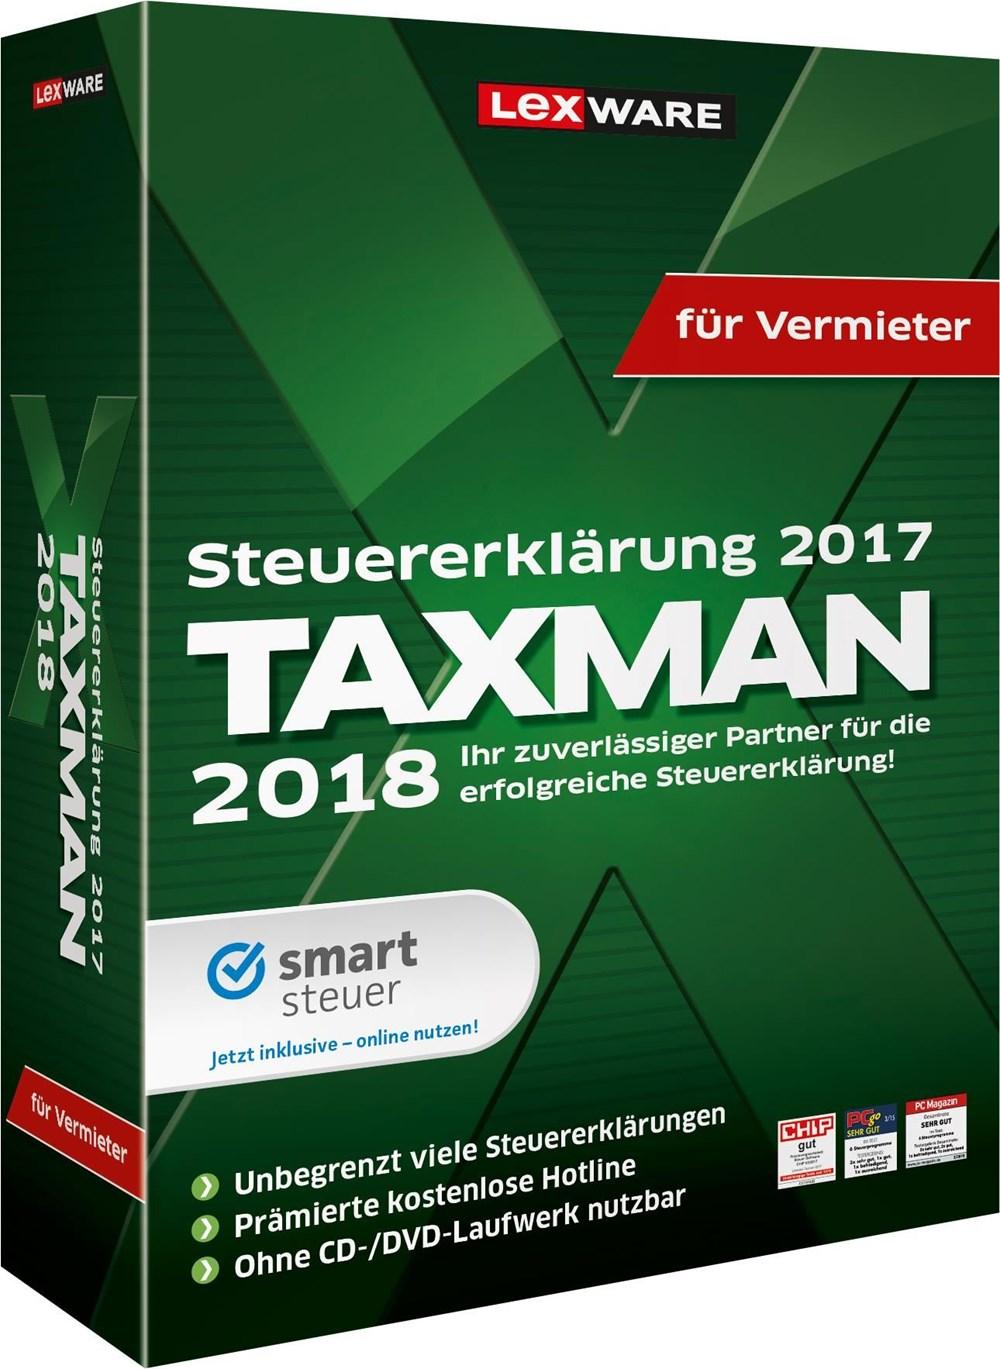 Lexware Taxman 2018 für Vermieter - Preisvergleich